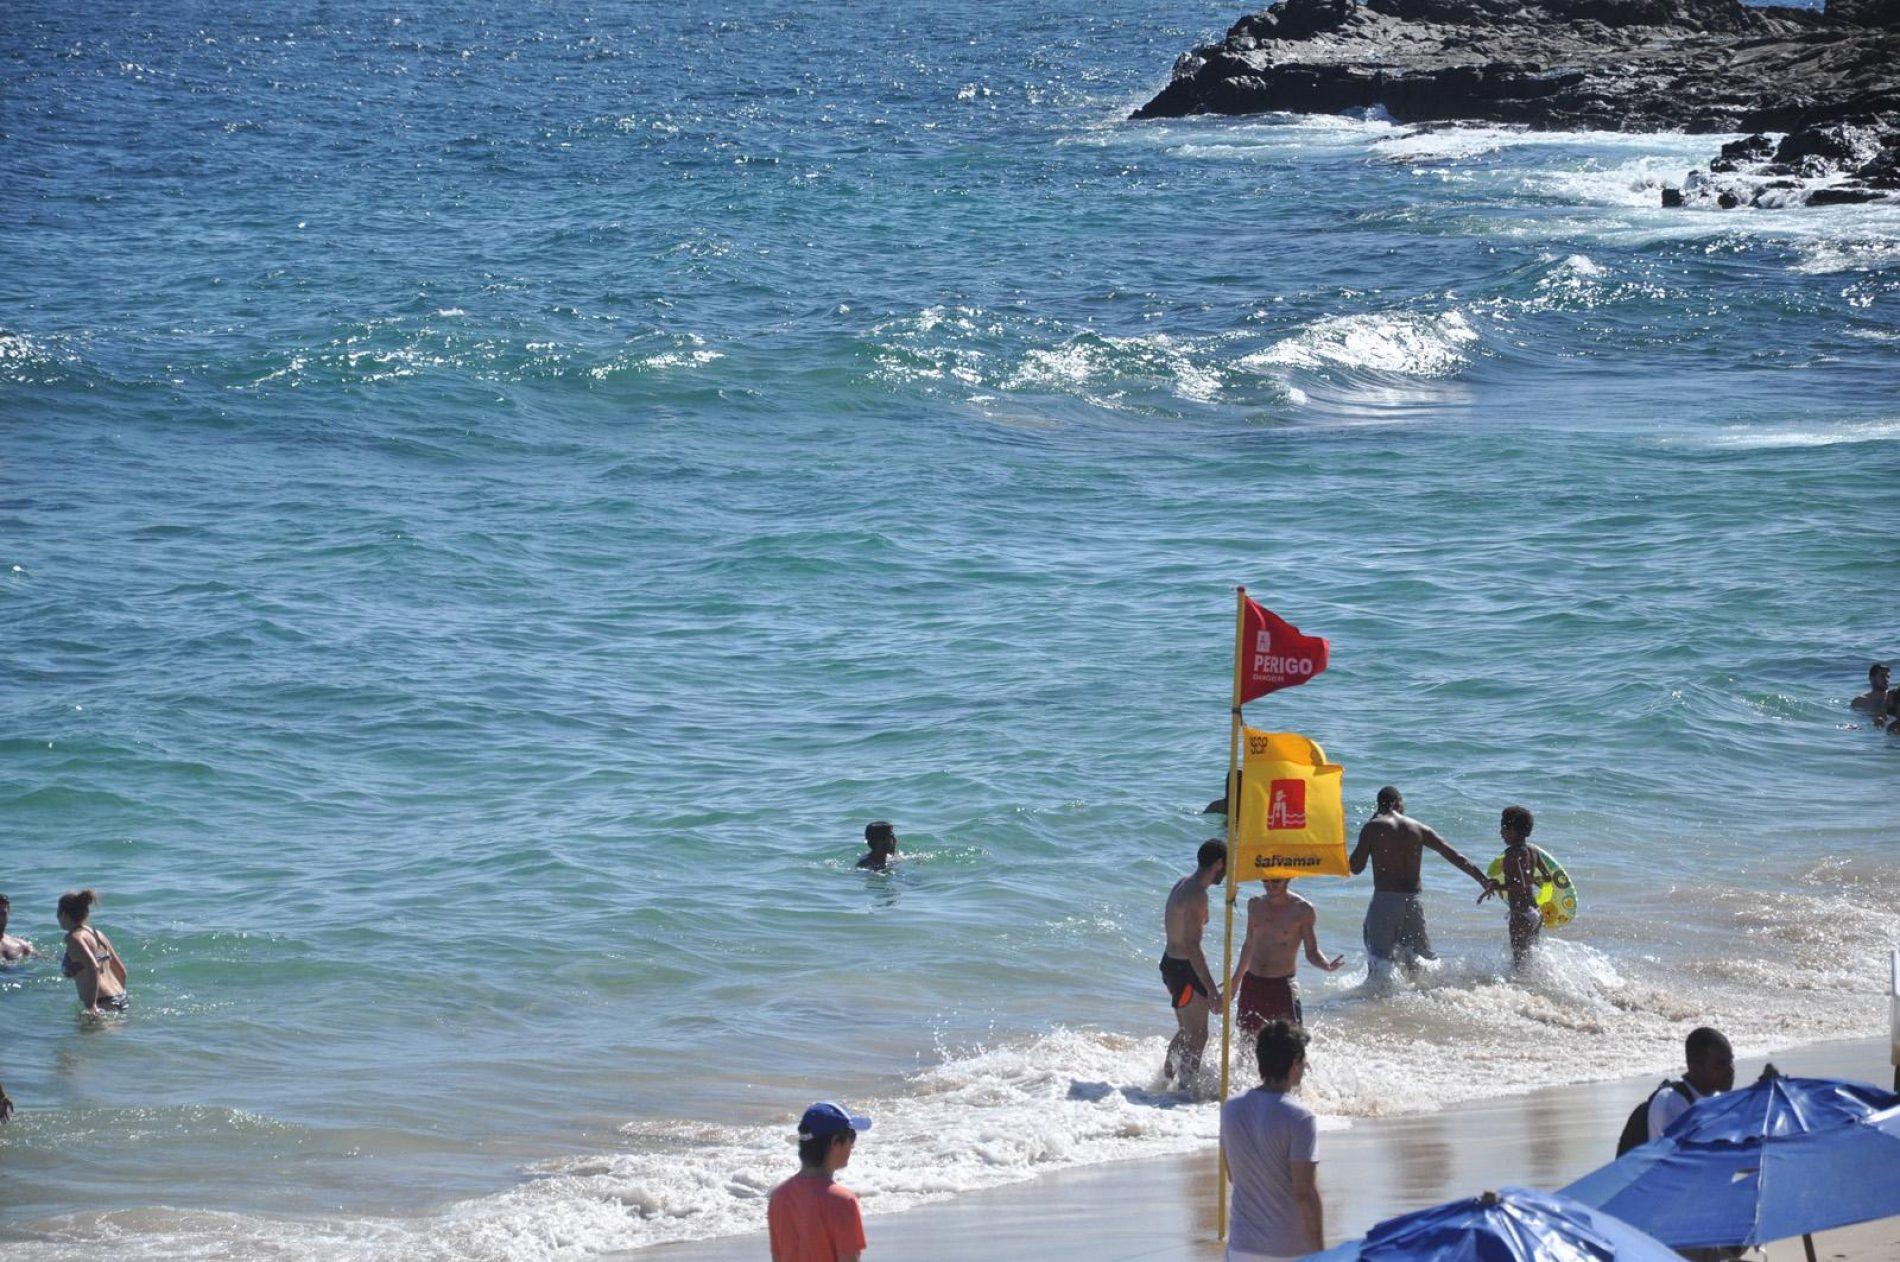 Salvamar alerta para cuidados com crianças nas praias durante feriado